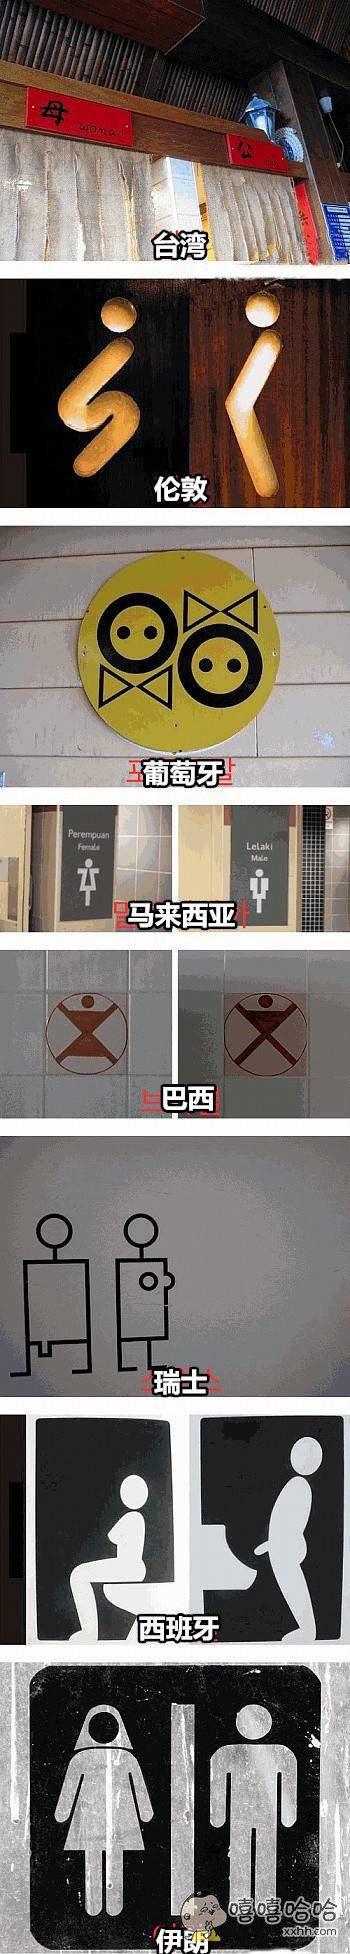 世界各地厕所的标志